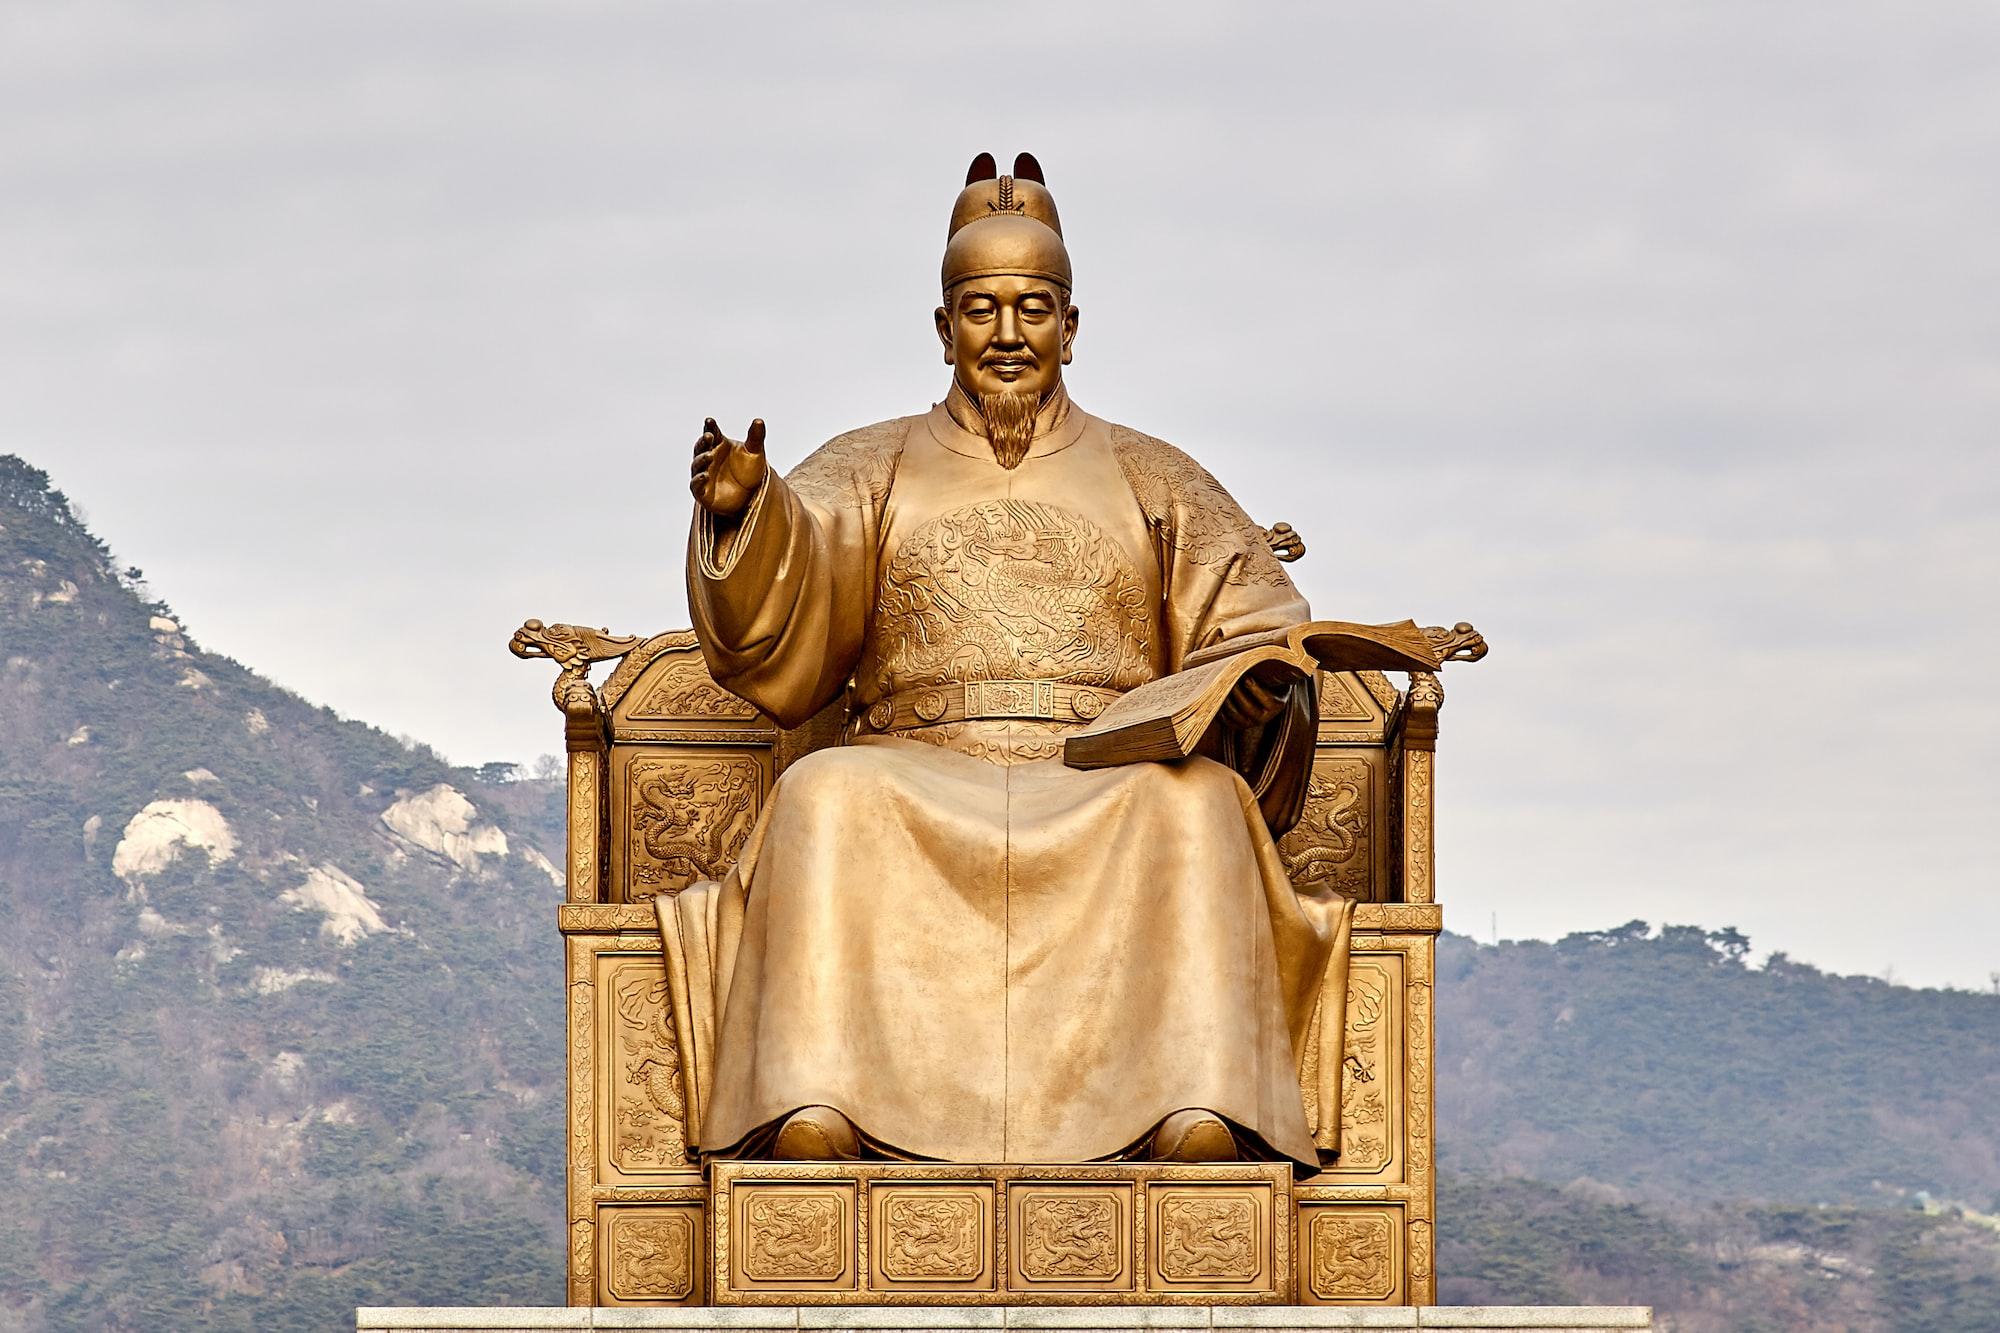 ท่าทีของรัฐบาลต่อสกุลเงินคริปโตในภูมิภาคเอเชีย: ประเทศเกาหลีใต้